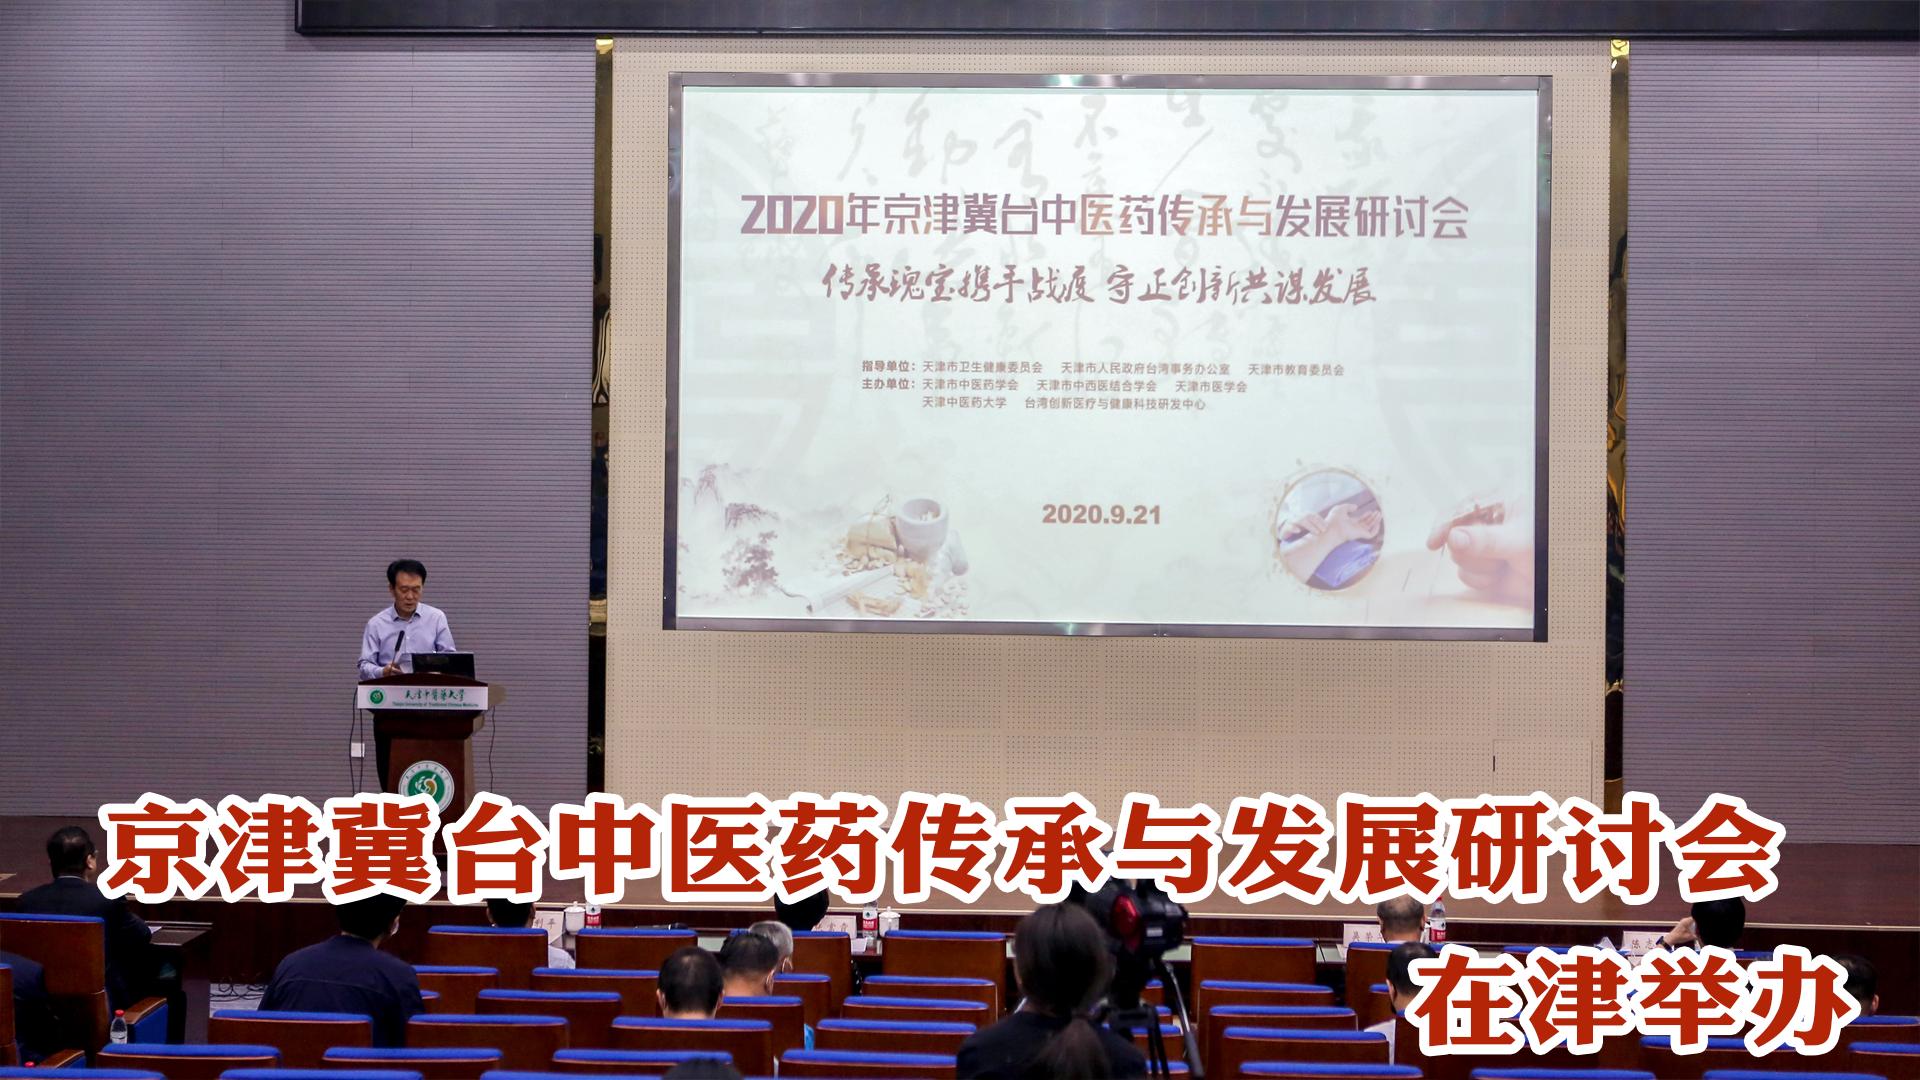 京津冀臺中醫藥傳承與發展研討會在津舉辦 張伯禮出席圖片